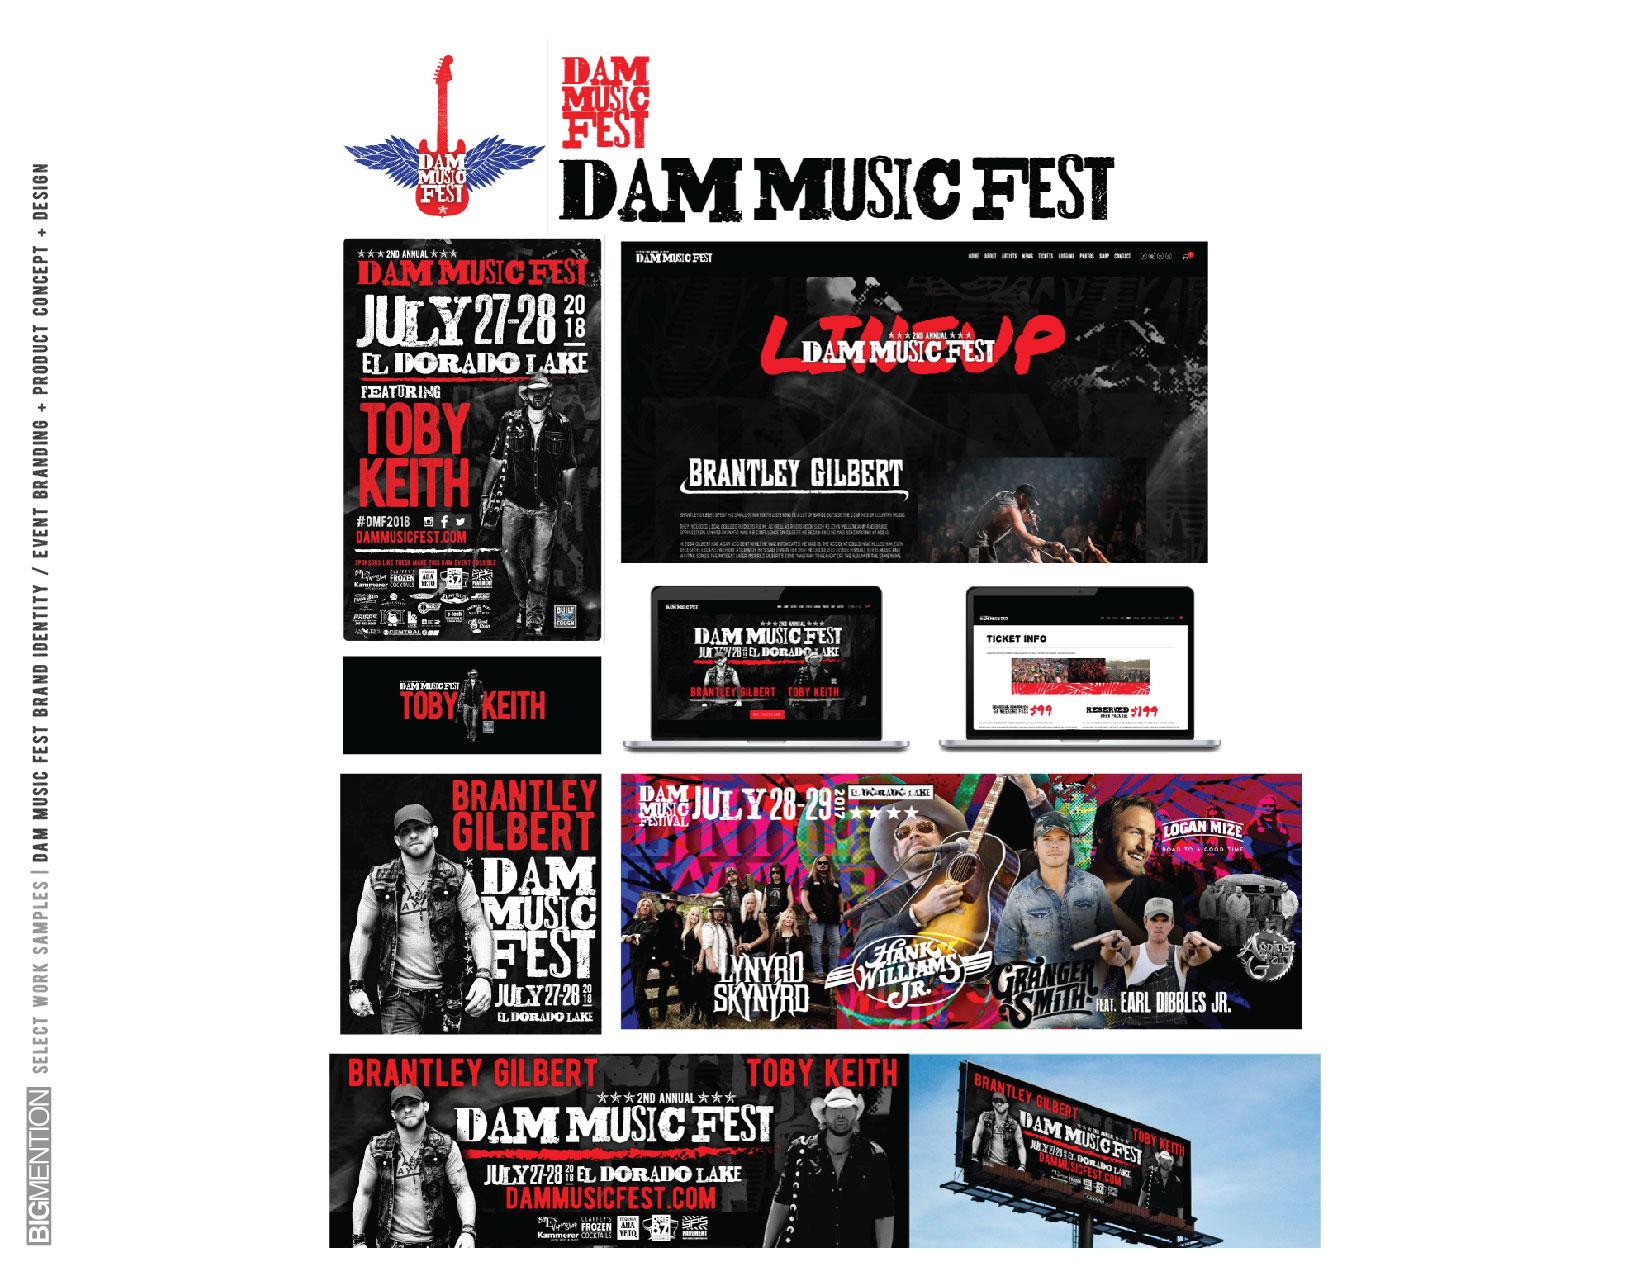 DAM MUSIC FEST